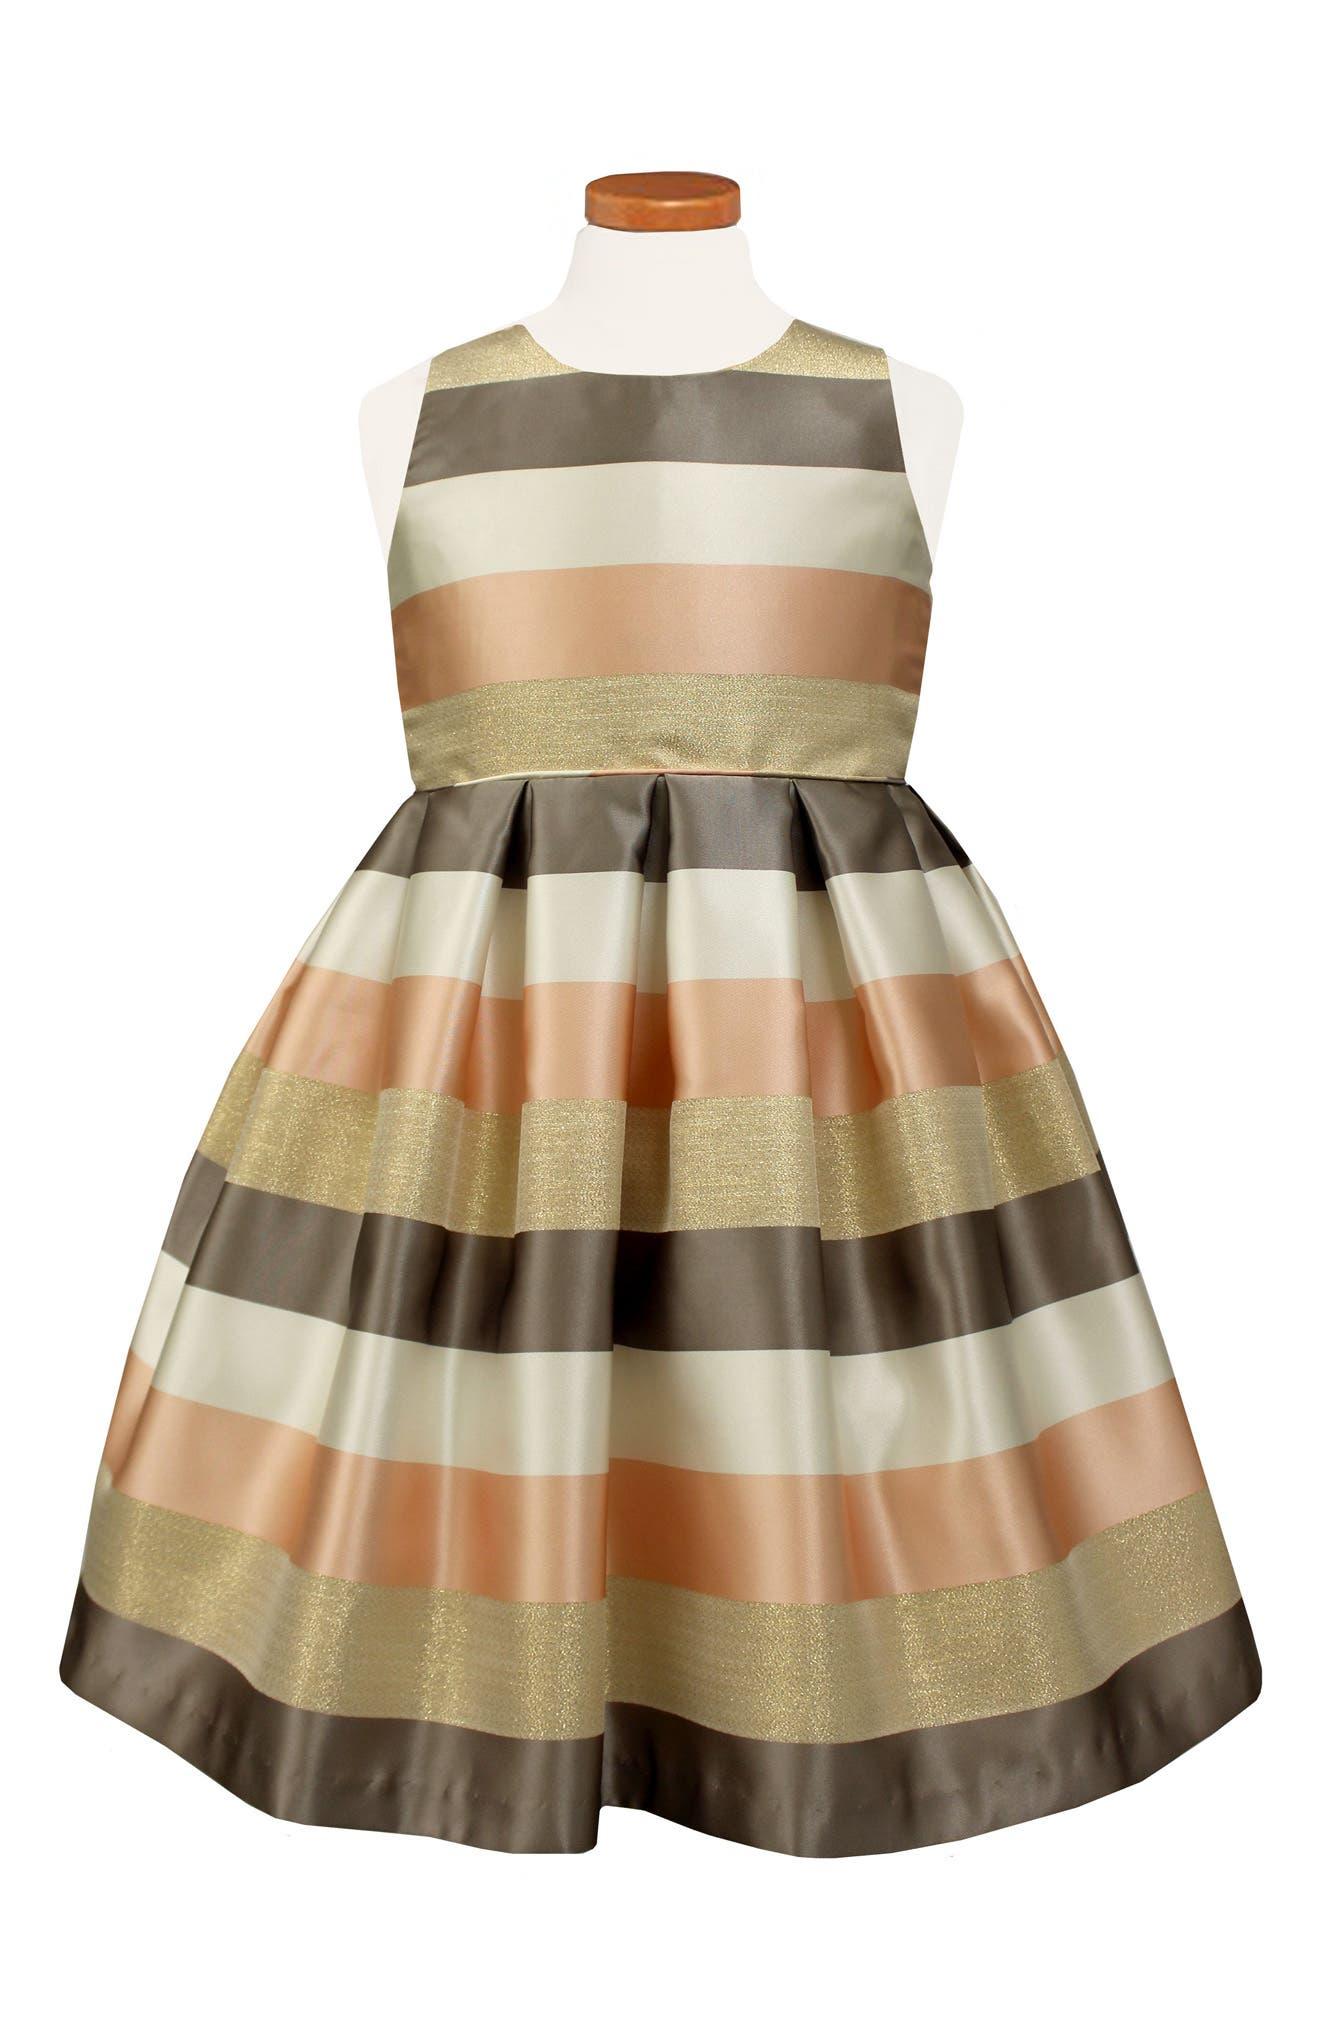 Alternate Image 1 Selected - Sorbet Metallic Stripe Party Dress (Toddler Girls, Little Girls & Big Girls)